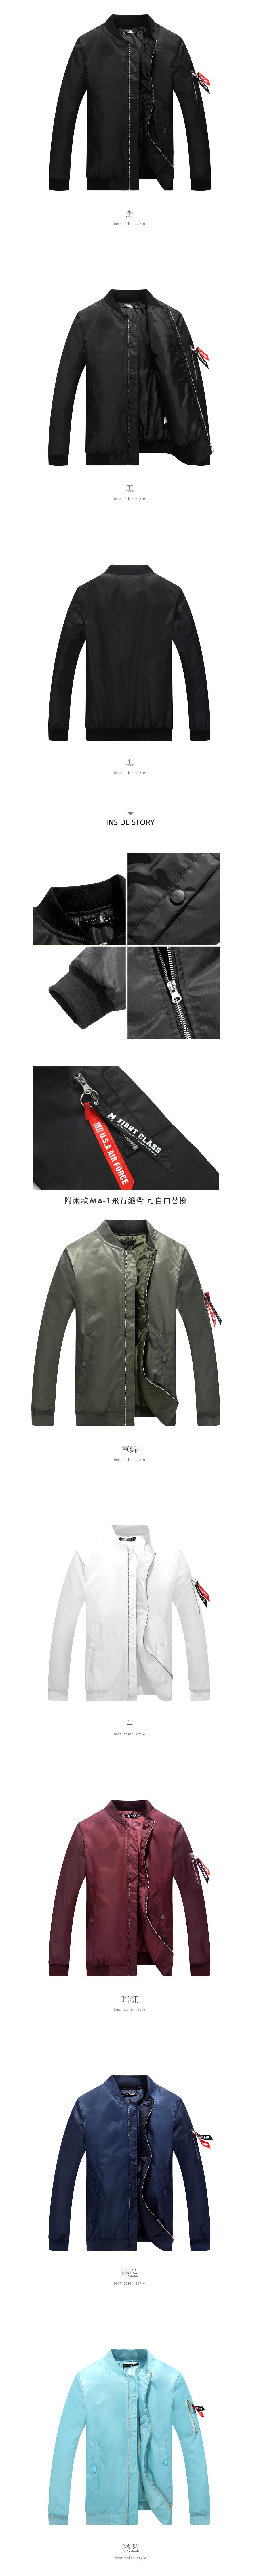 福利品.MA-1.鋪厚棉保暖款.情侶外套